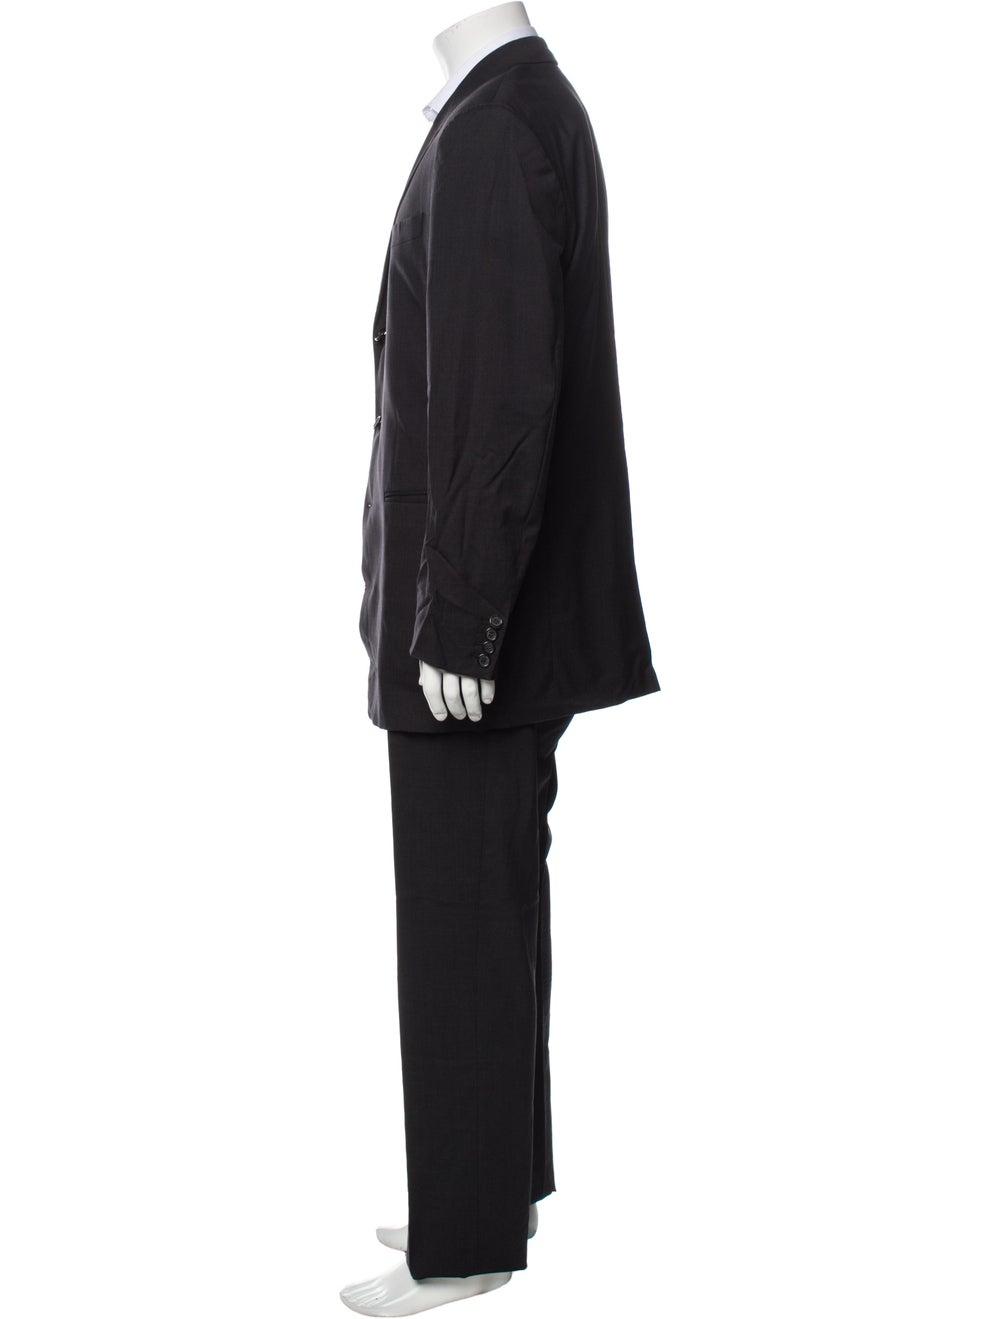 Prada Virgin Wool Two-Piece Suit Wool - image 2